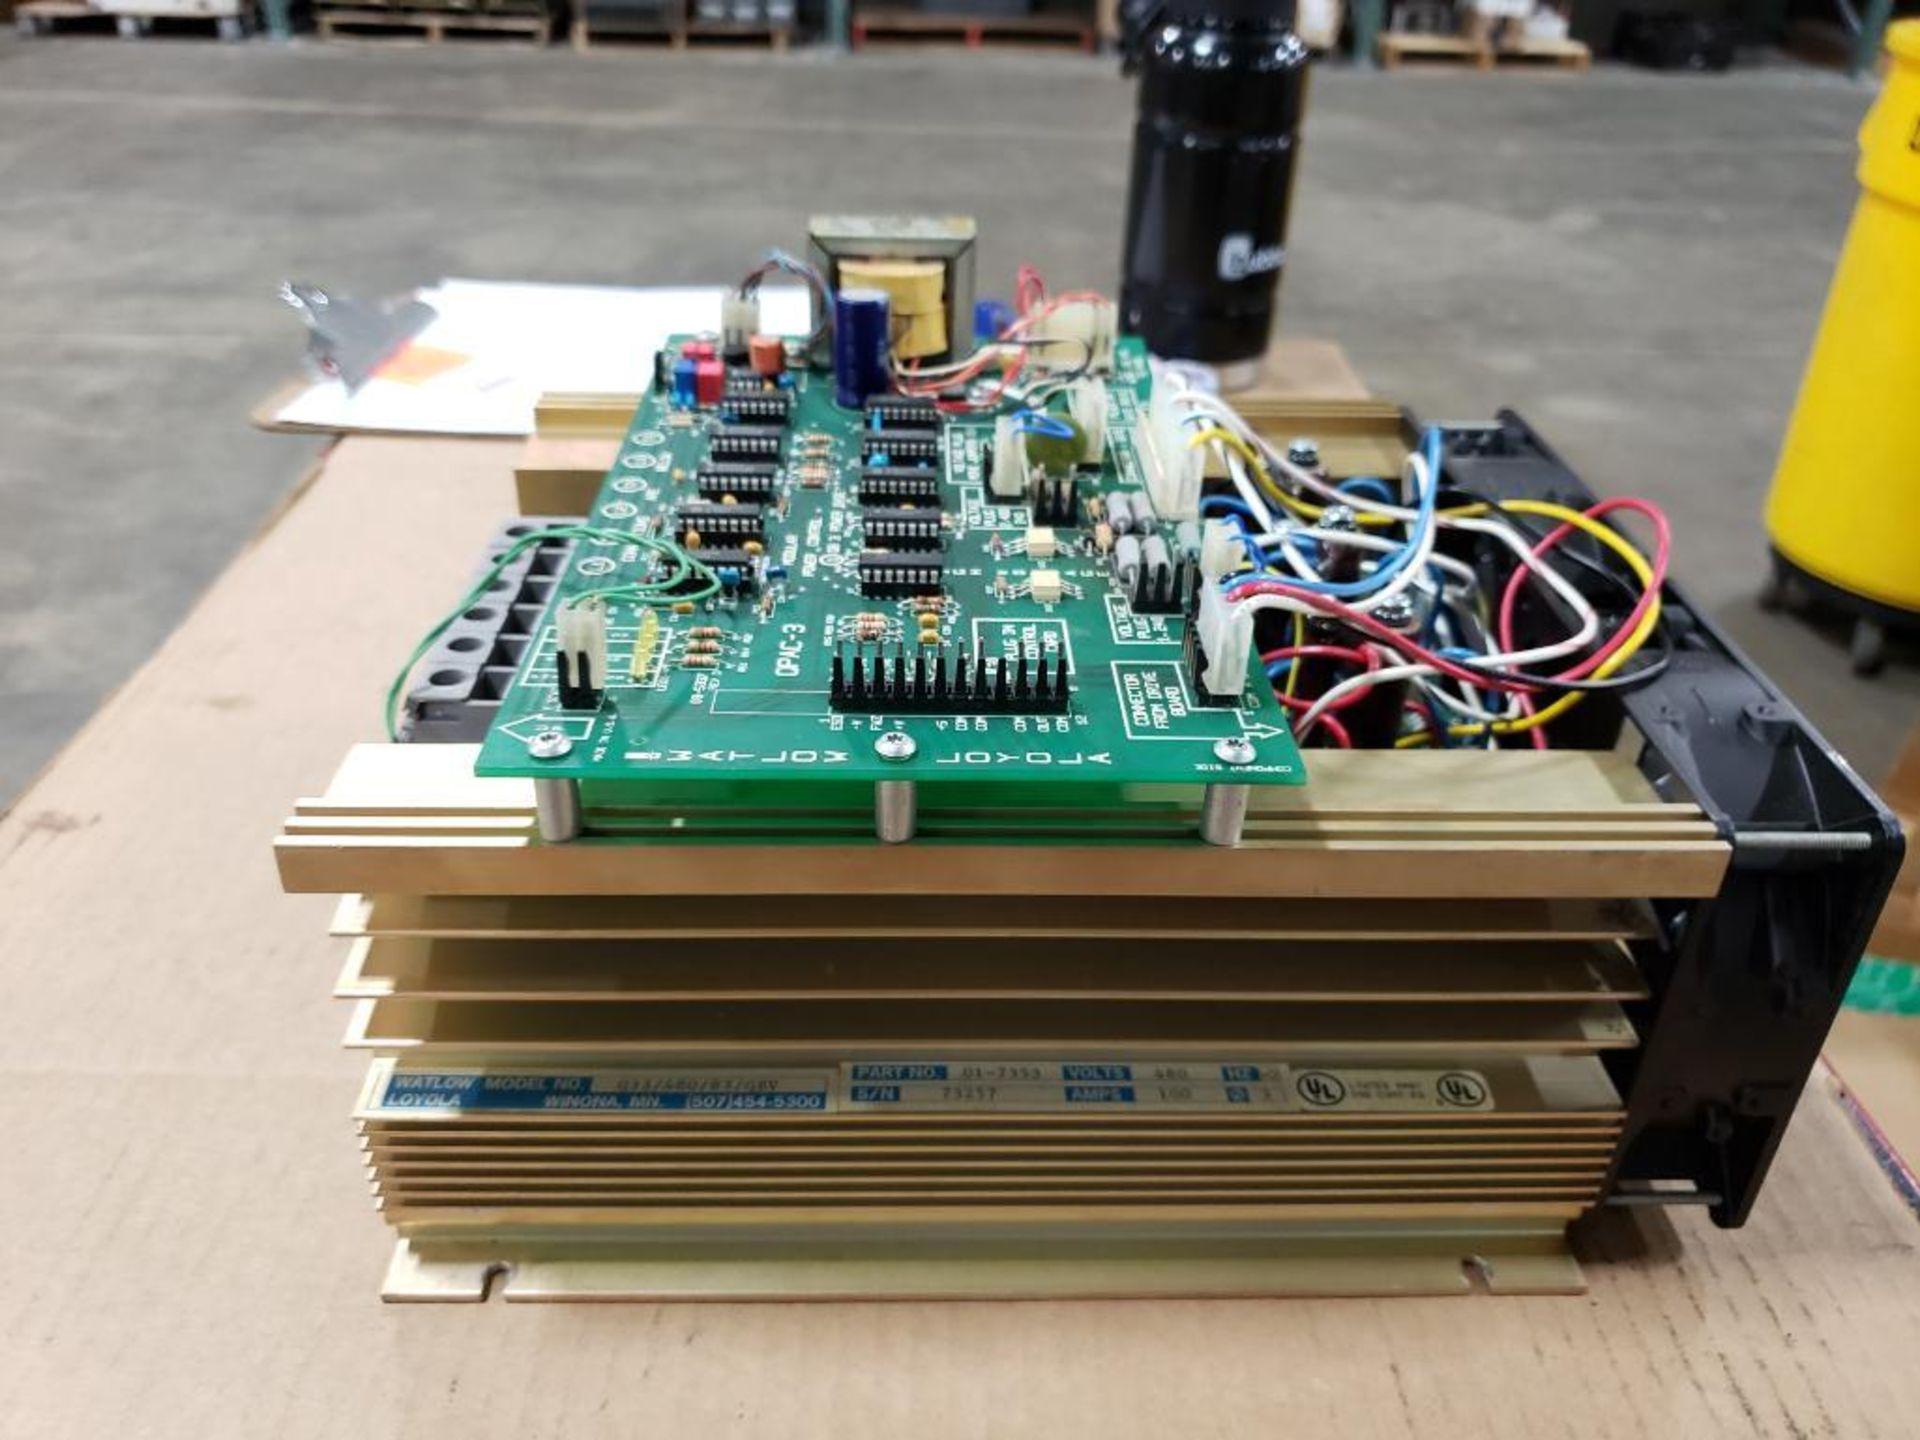 Watlow Q33/480/83/QBV 01-7353 480V power supply module. - Image 3 of 14